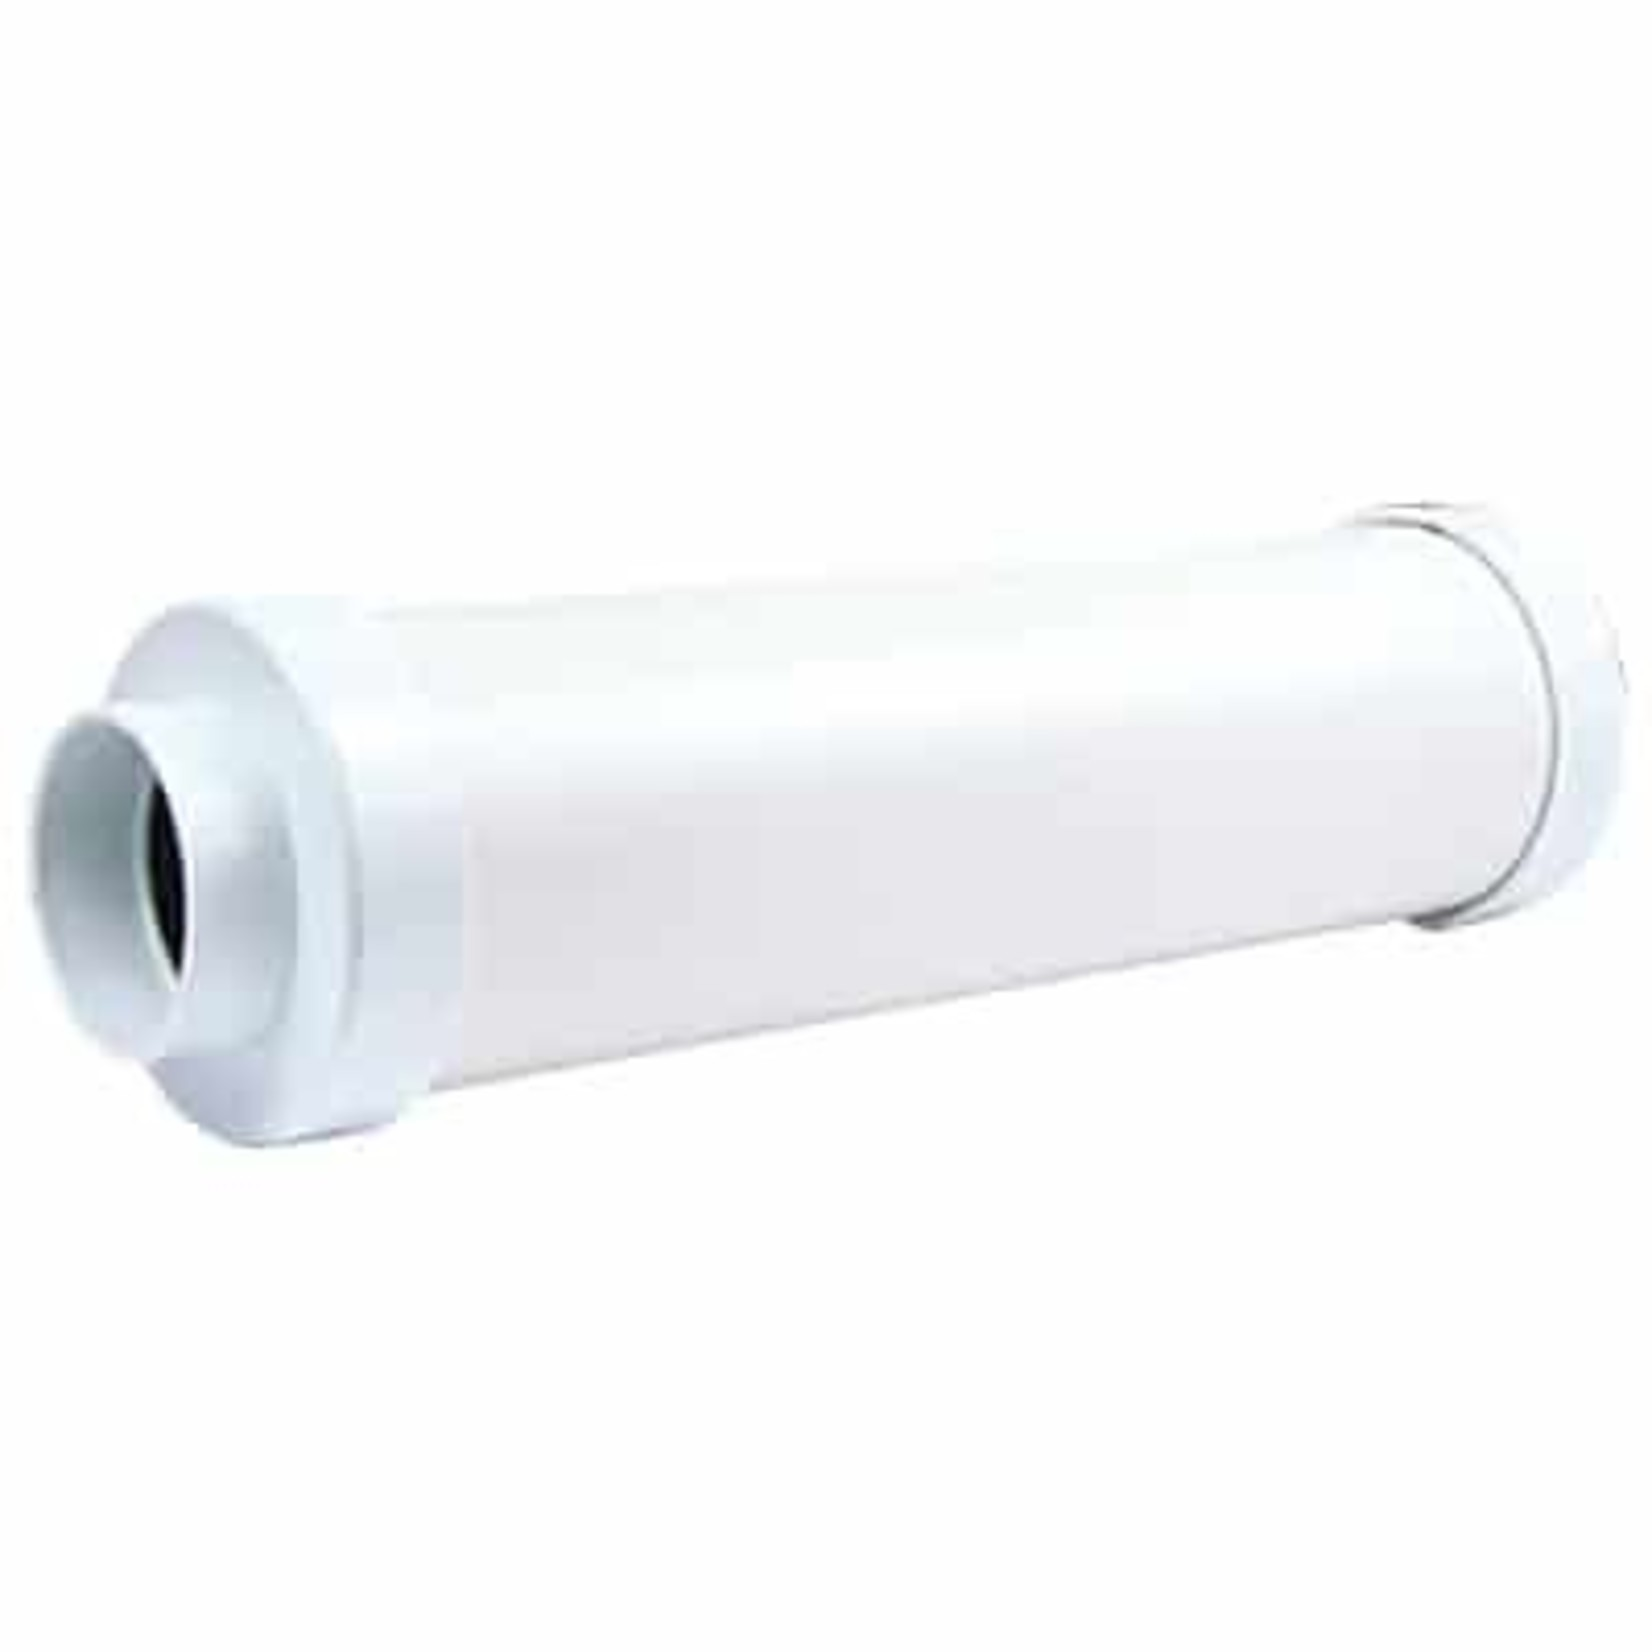 BEAM Copy of Beam CVS Standard Muffler